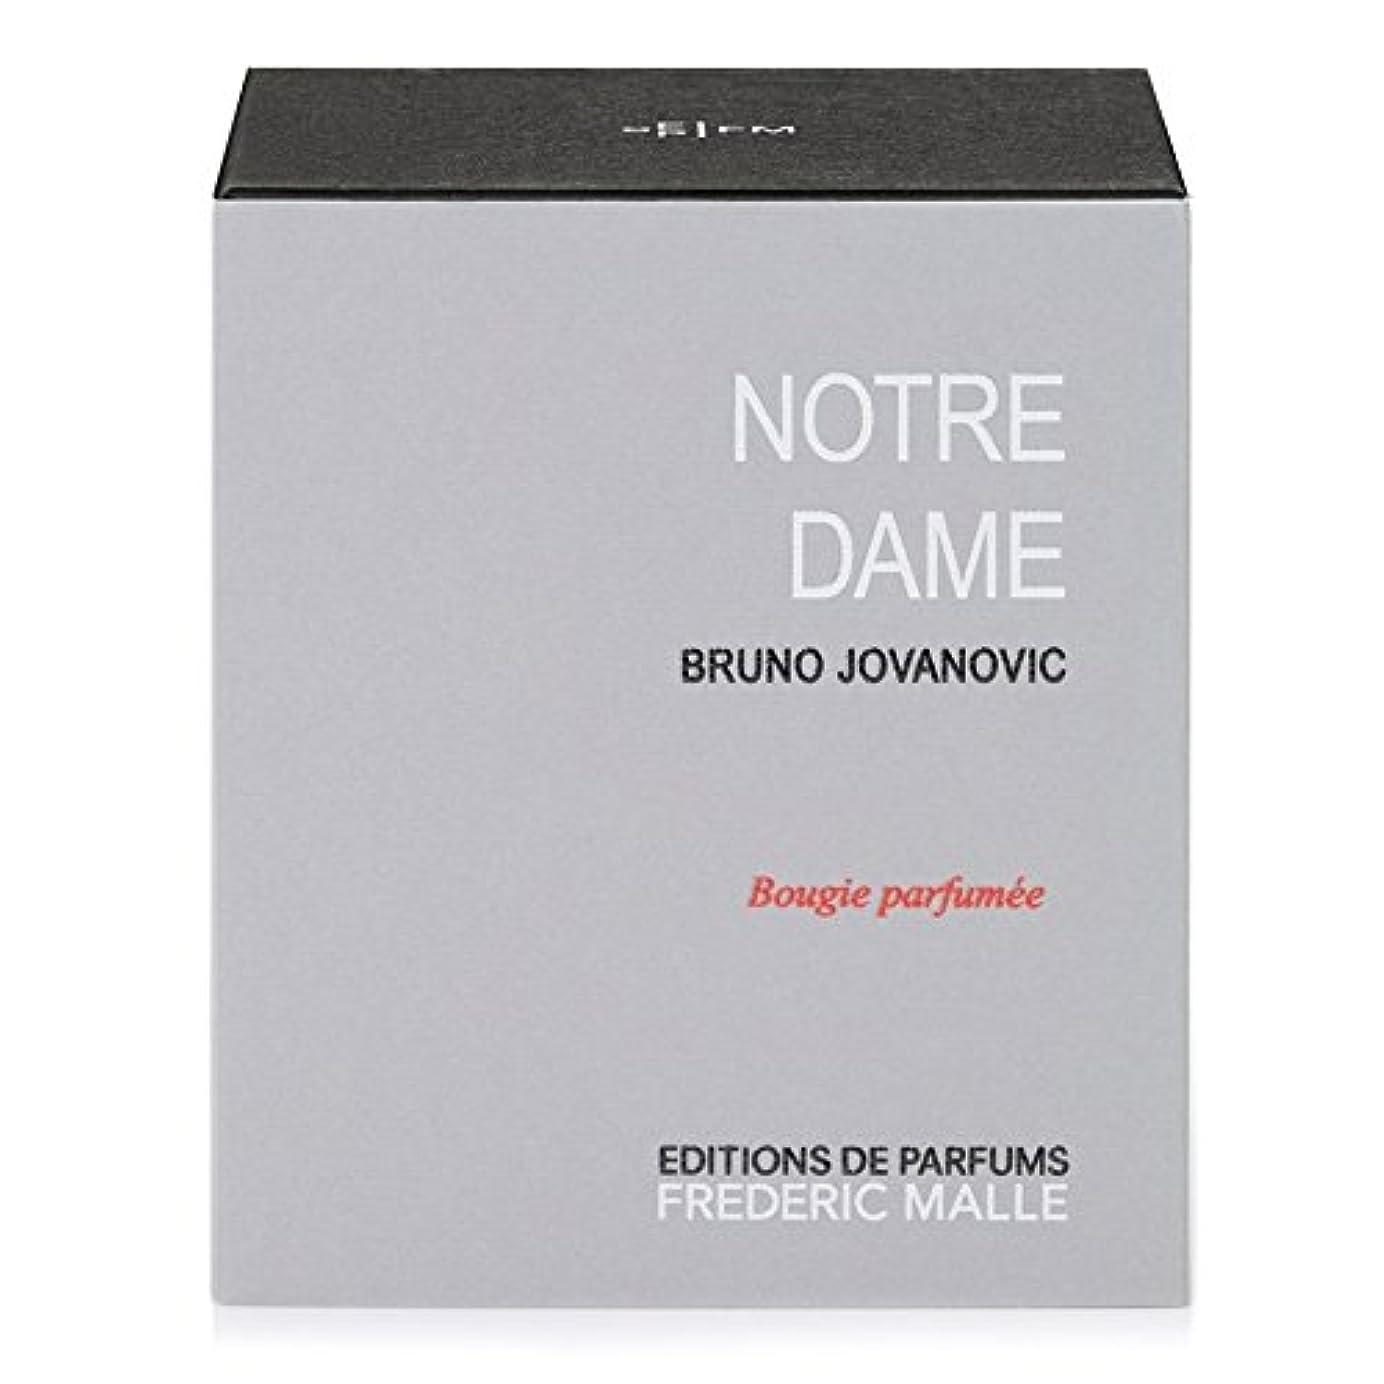 断線知り合いになるタンザニアFrederic Malle Notre Dame Scented Candle 220g (Pack of 4) - フレデリック?マルノートルダム香りのキャンドル220グラム x4 [並行輸入品]